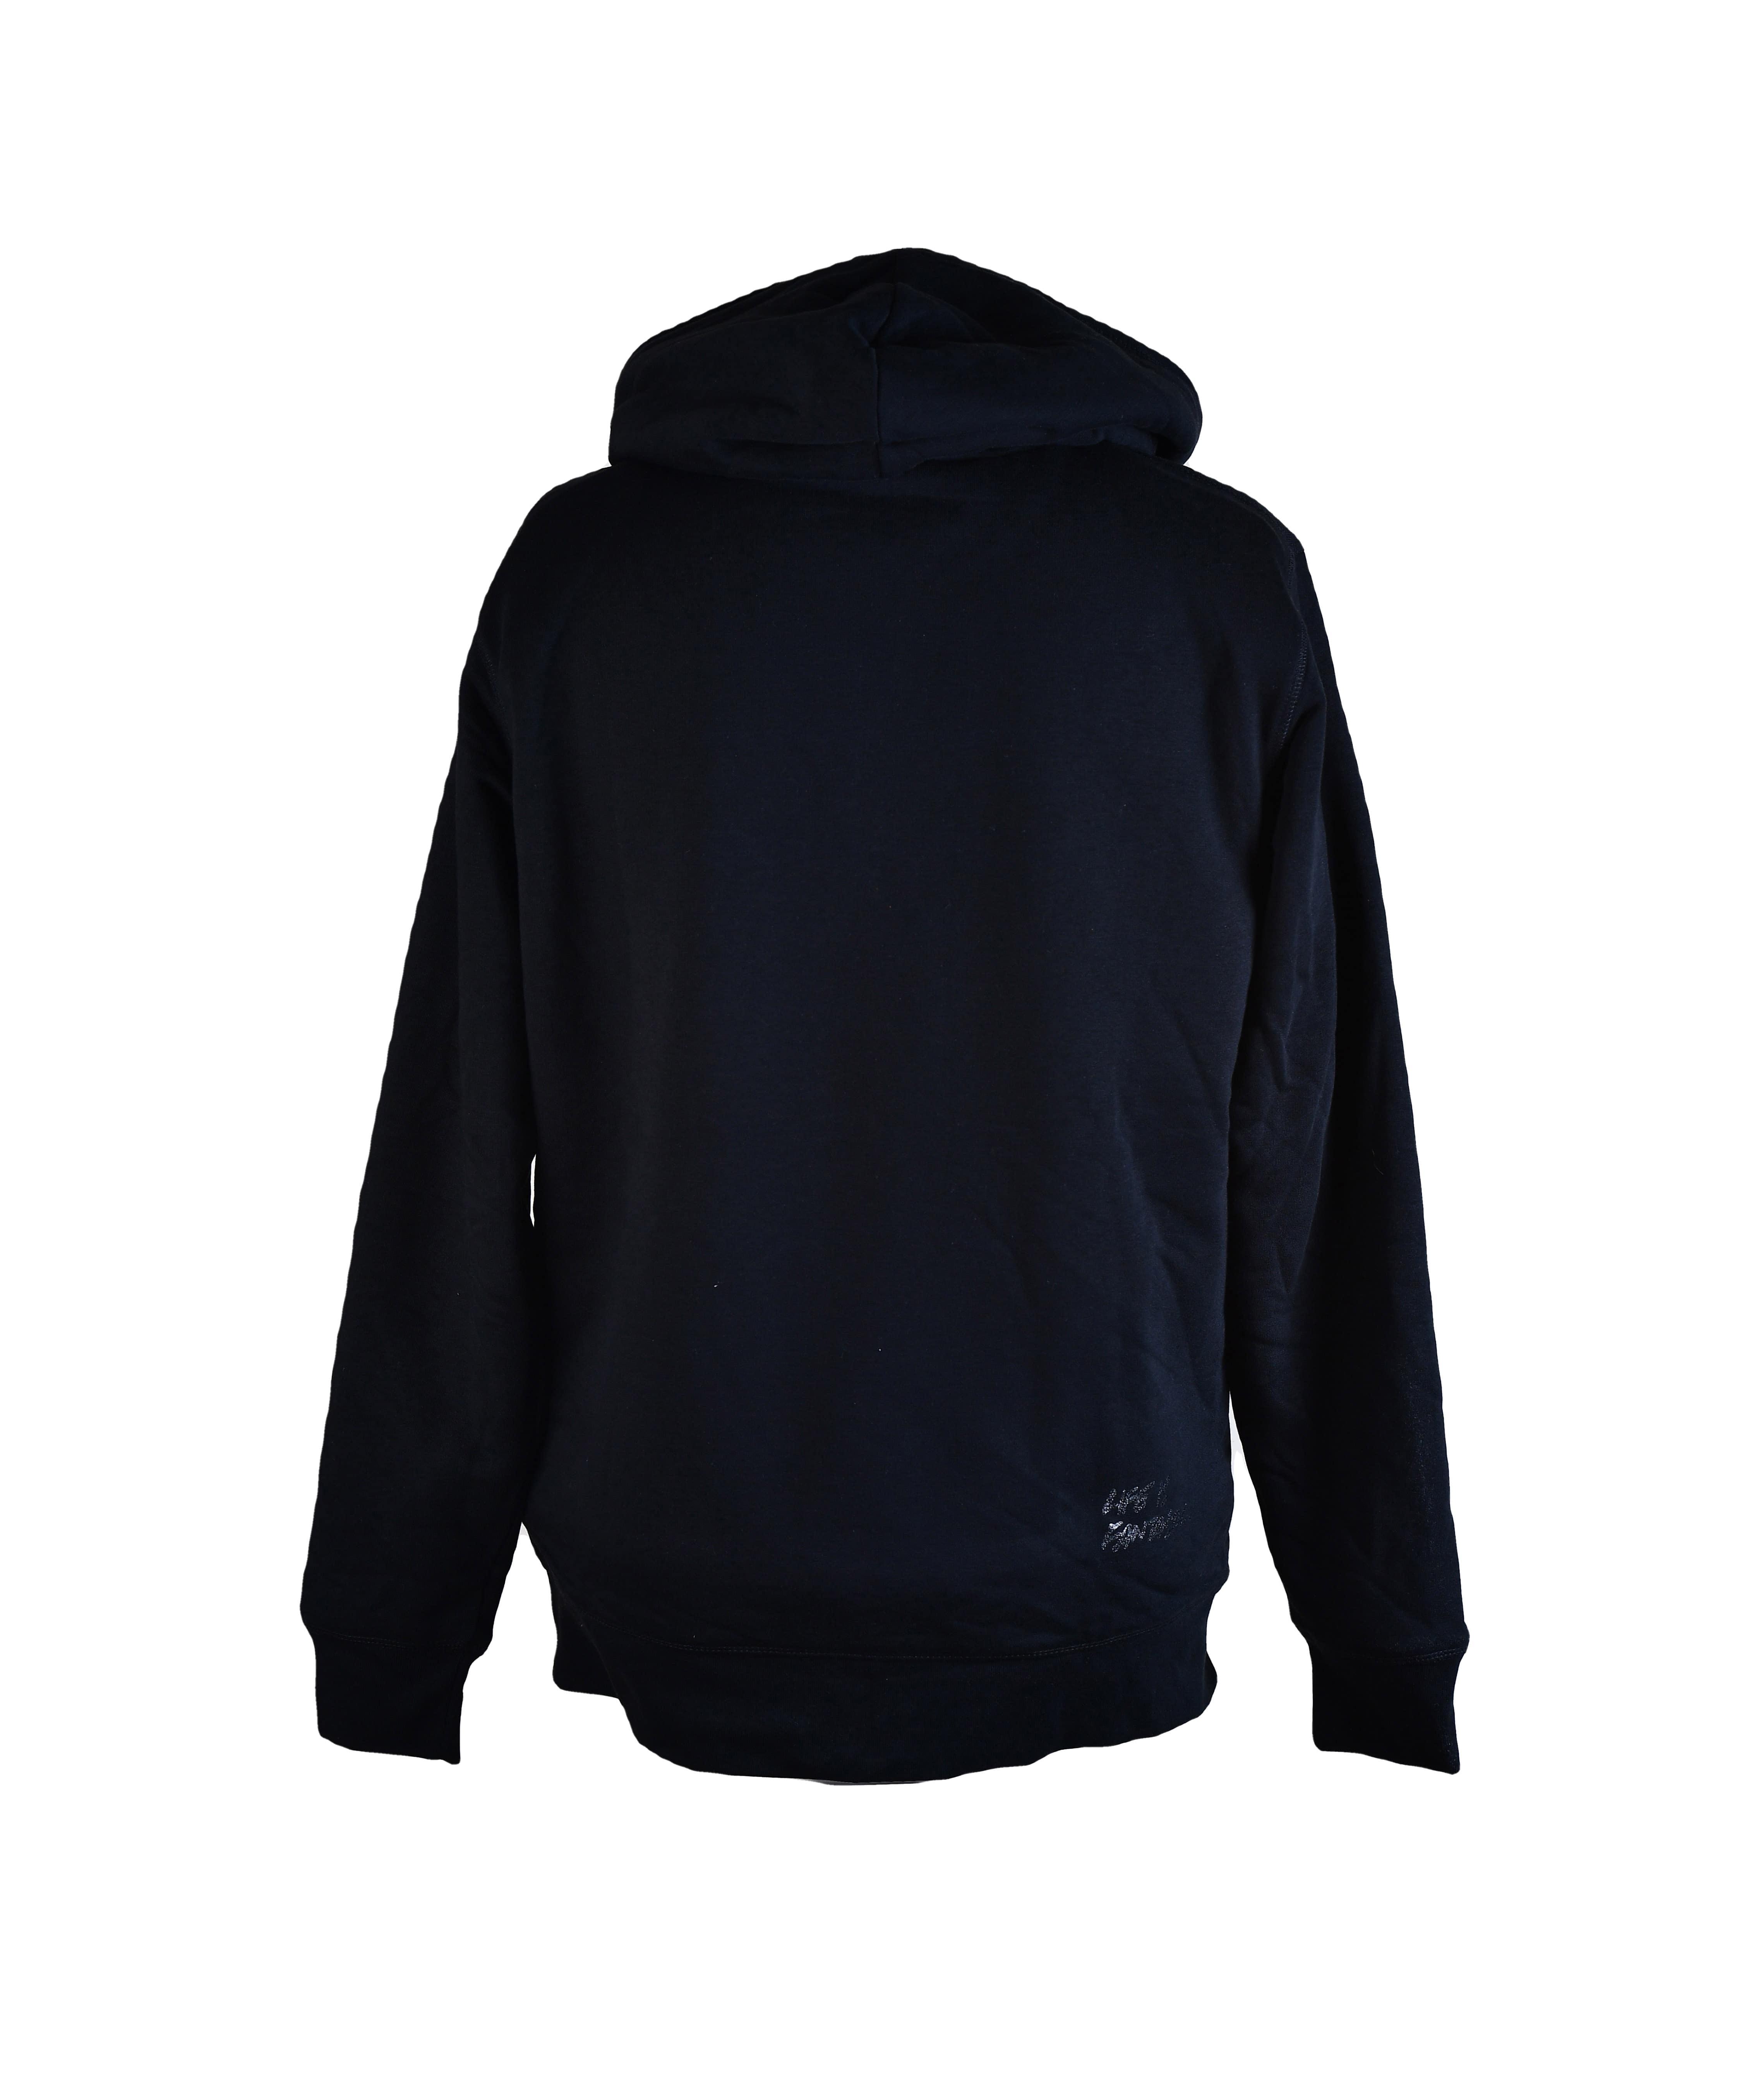 Warmer Ramon Sherpa - Kapuzensweater mit Reissverschluss und Sherpa-Futter